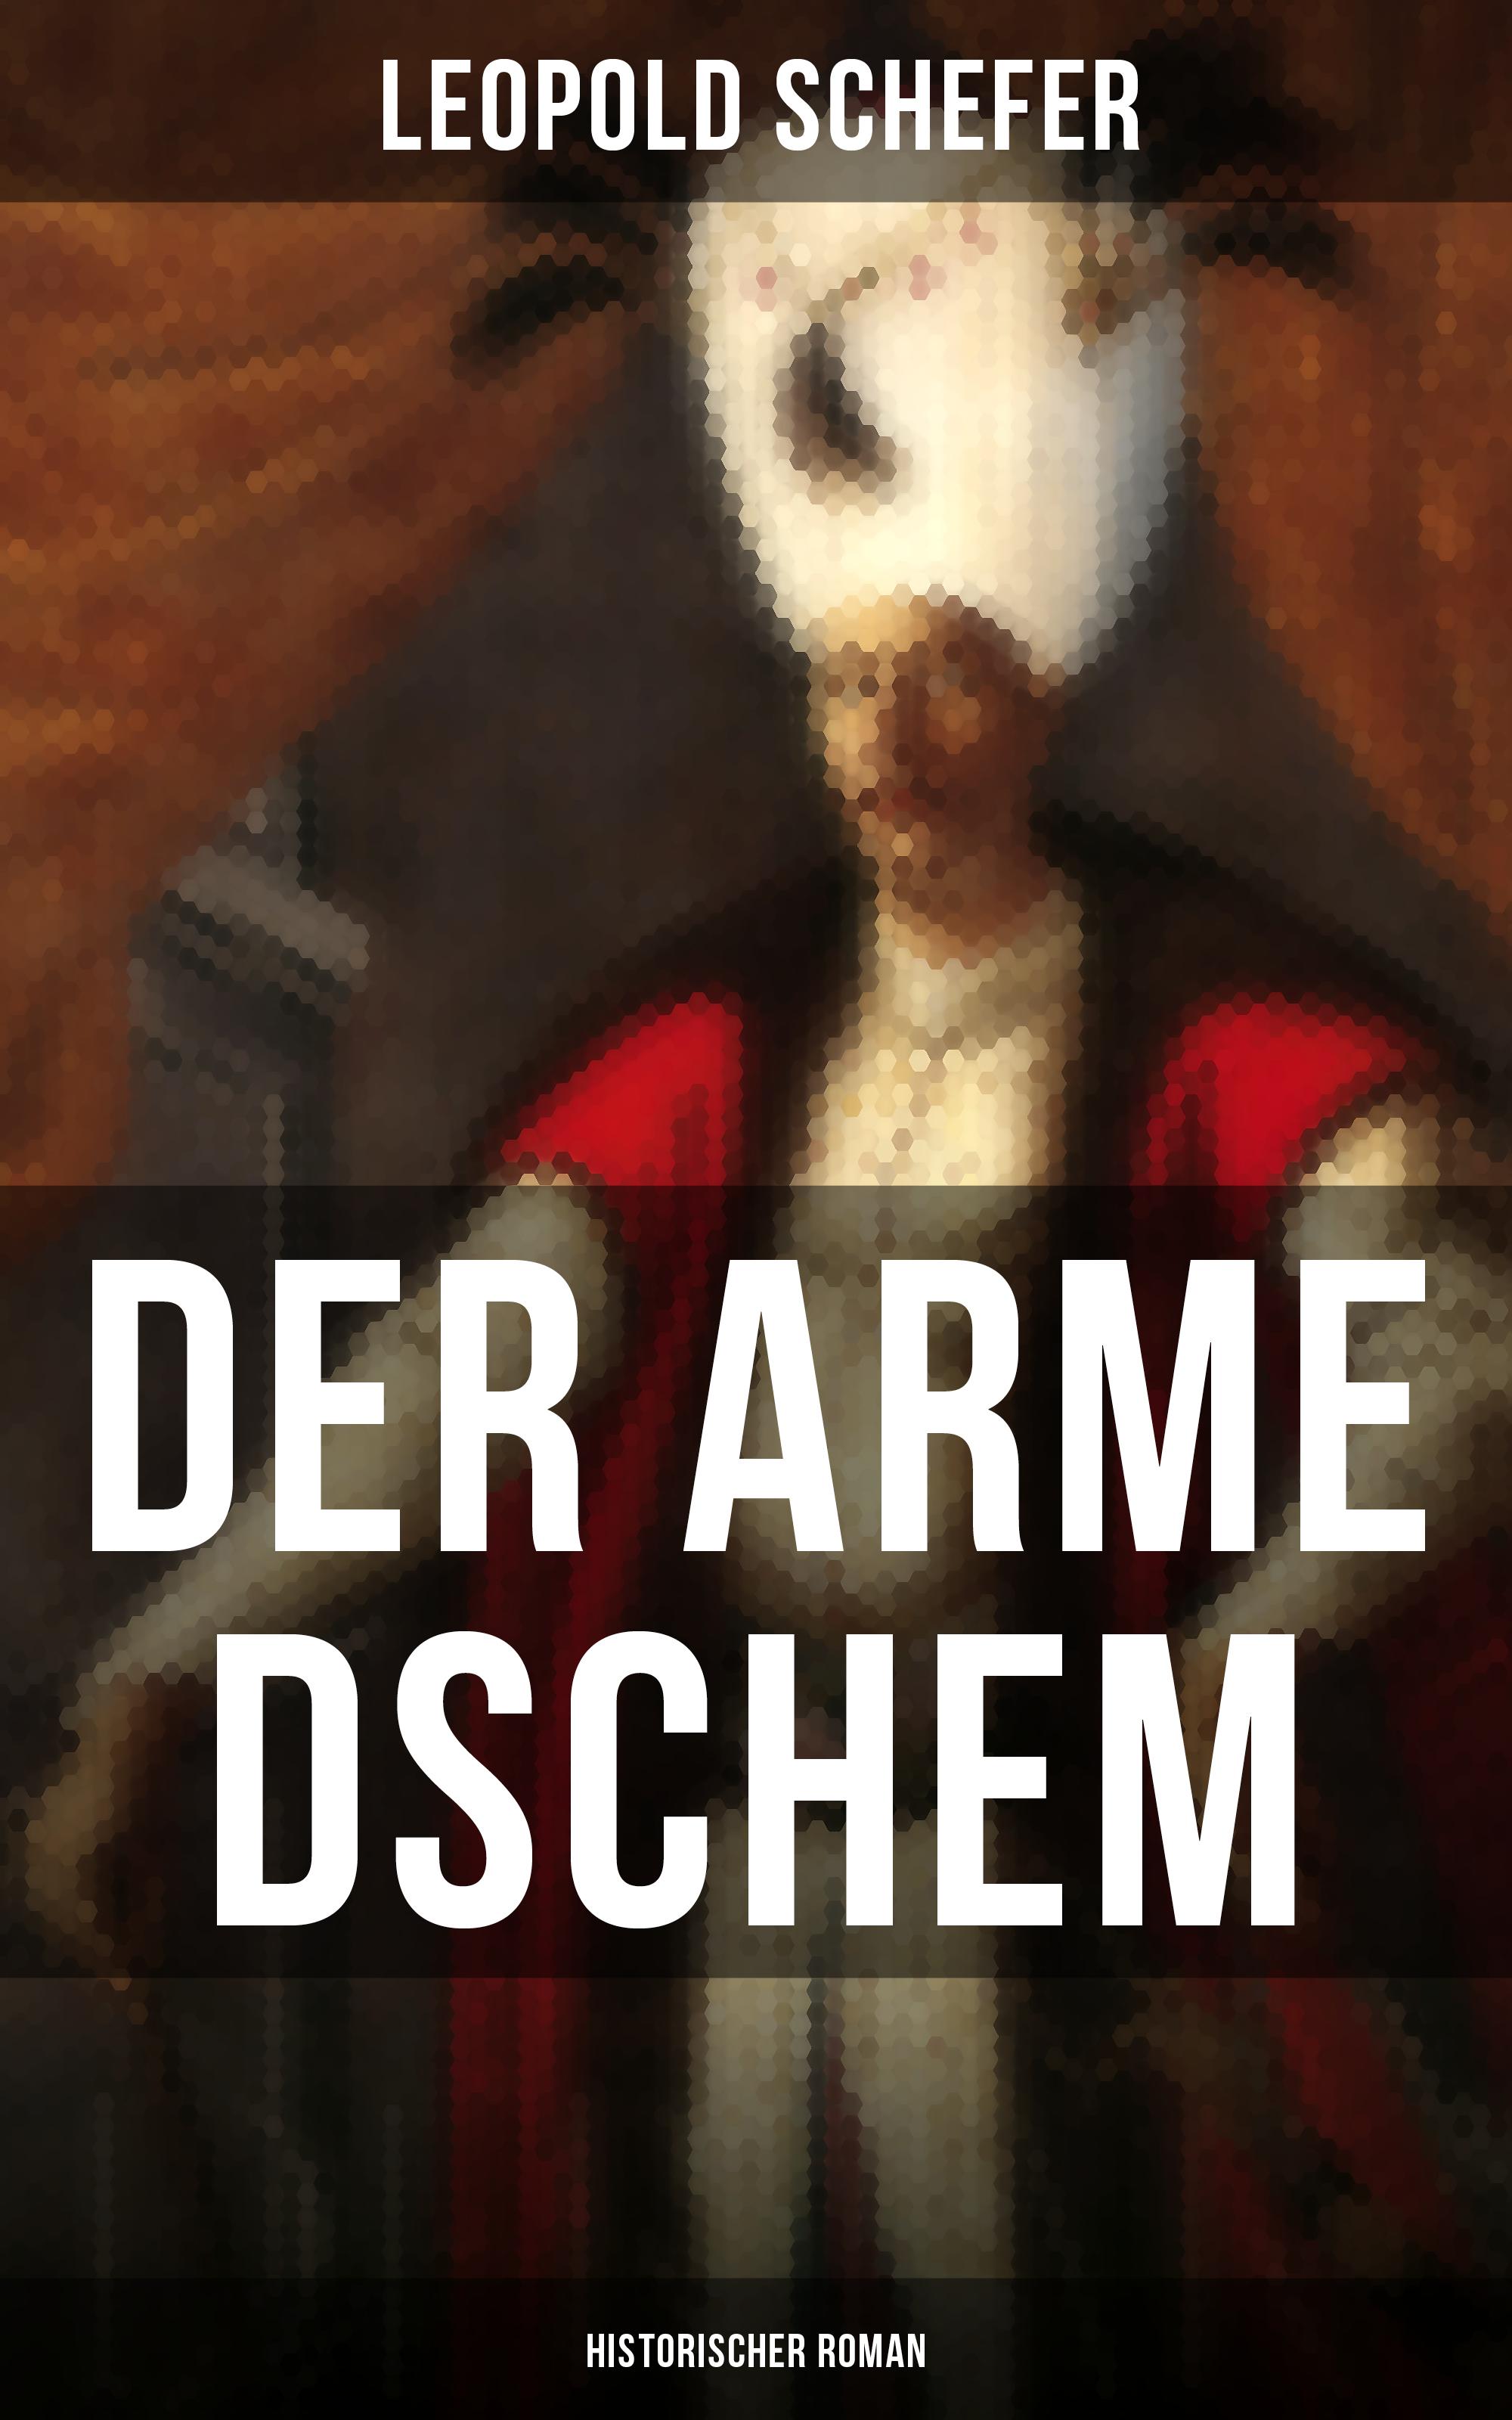 цены Leopold Schefer Der arme Dschem: Historischer Roman